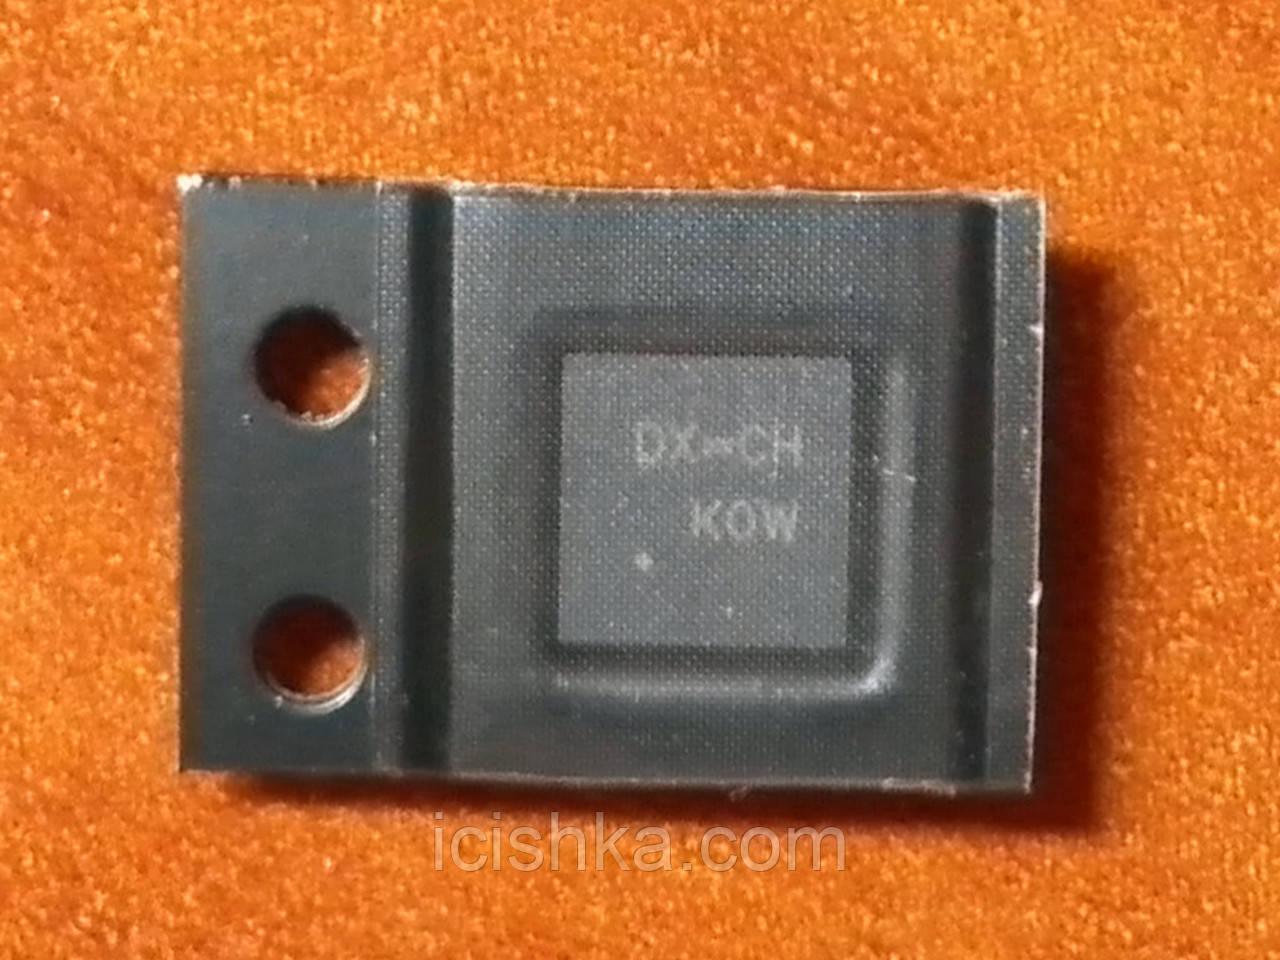 RICHTEK [DX] QFN24 - контроллер питания